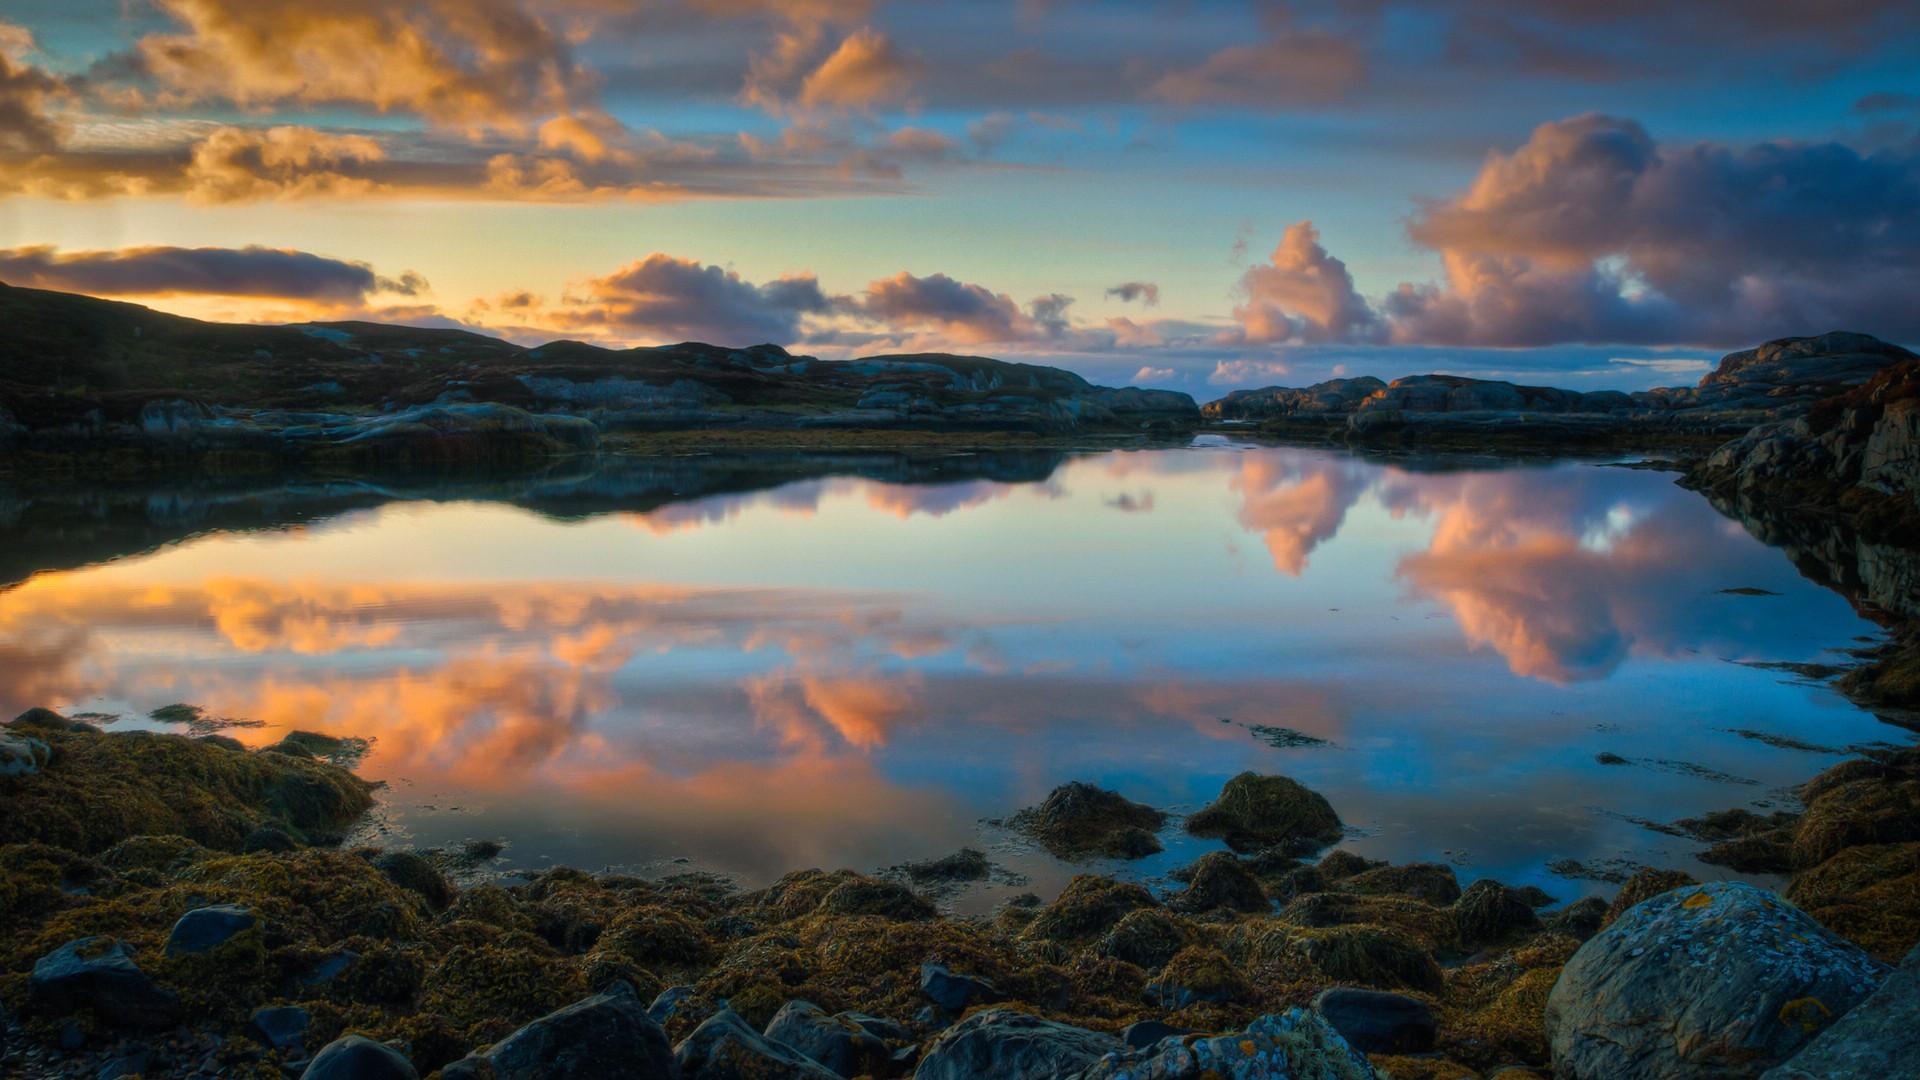 挪威自然美景高清壁纸